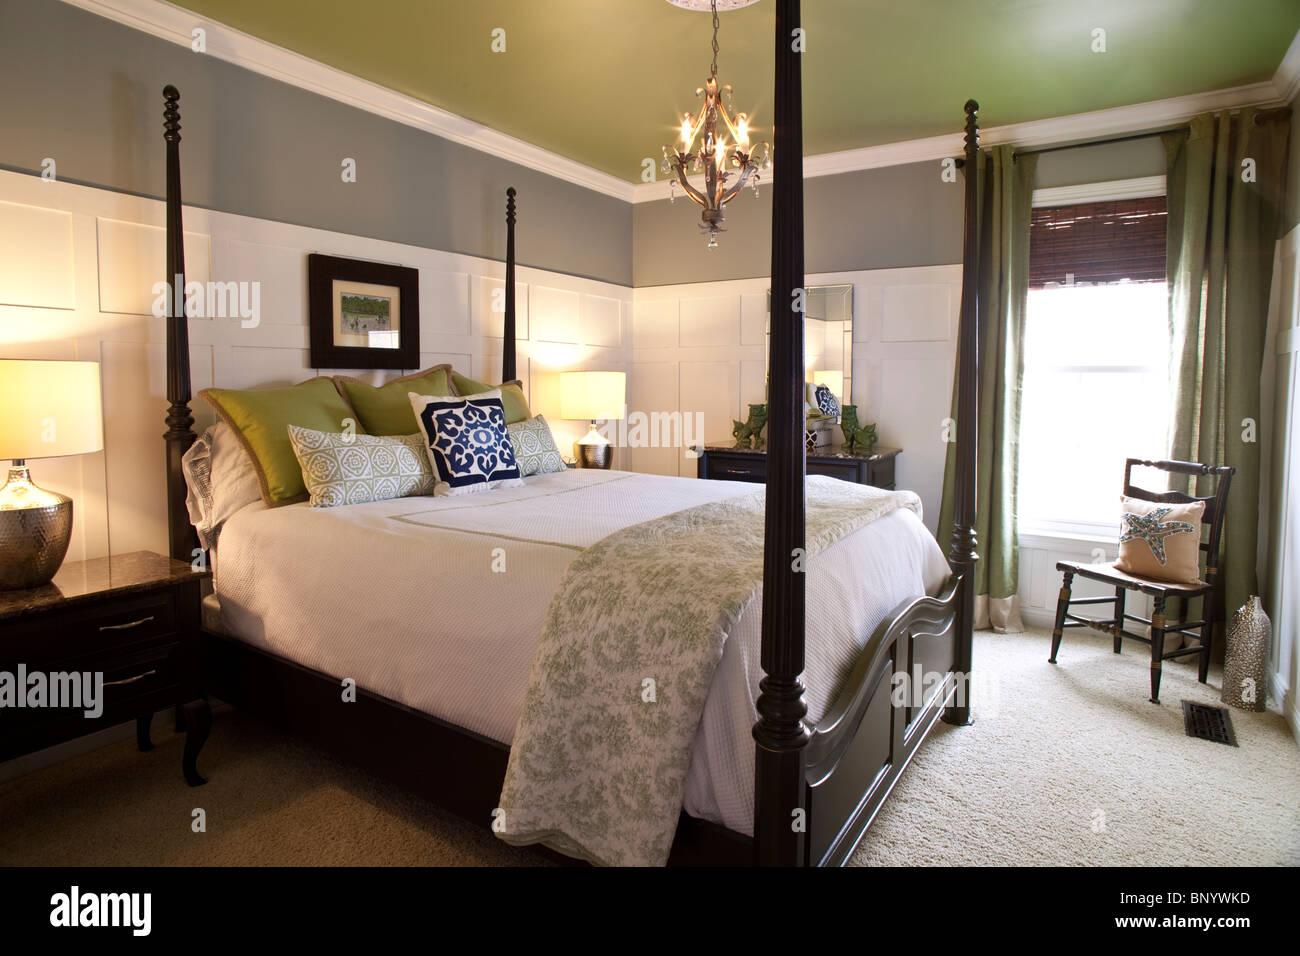 Camere Con Letto A Baldacchino : Contemporanee camere da letto con letto matrimoniale a baldacchino